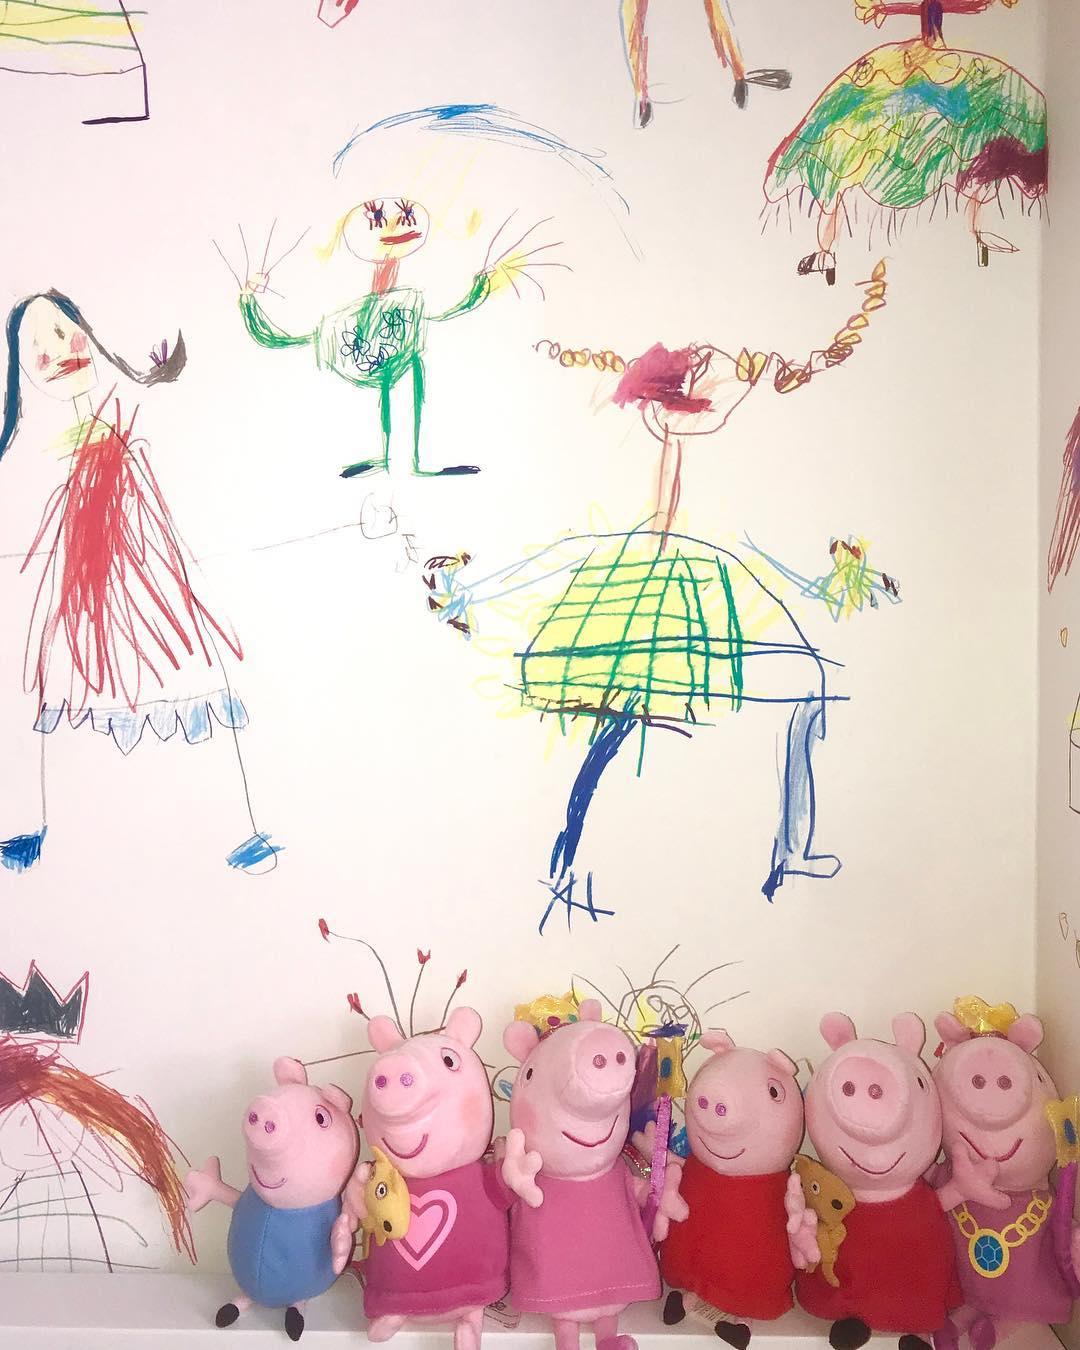 Κουκλάκια στο παιδικό δωμάτιο της κόρης της Σίσσυς Φειδά